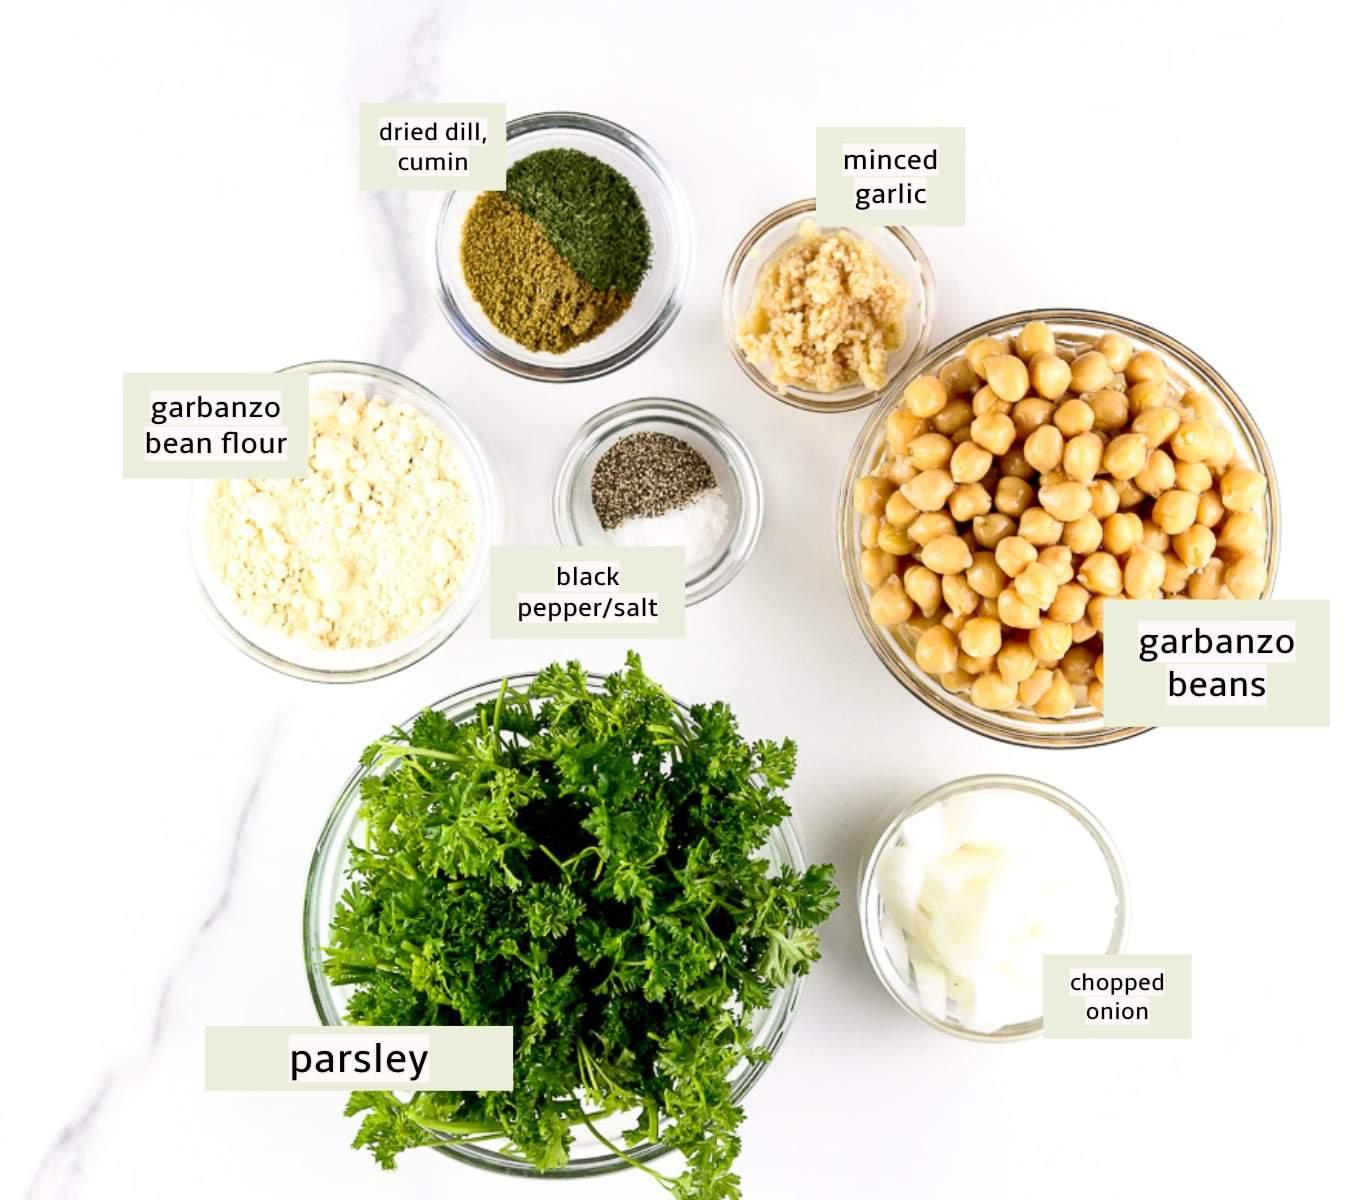 Image of ingredients for air fryer falafel.